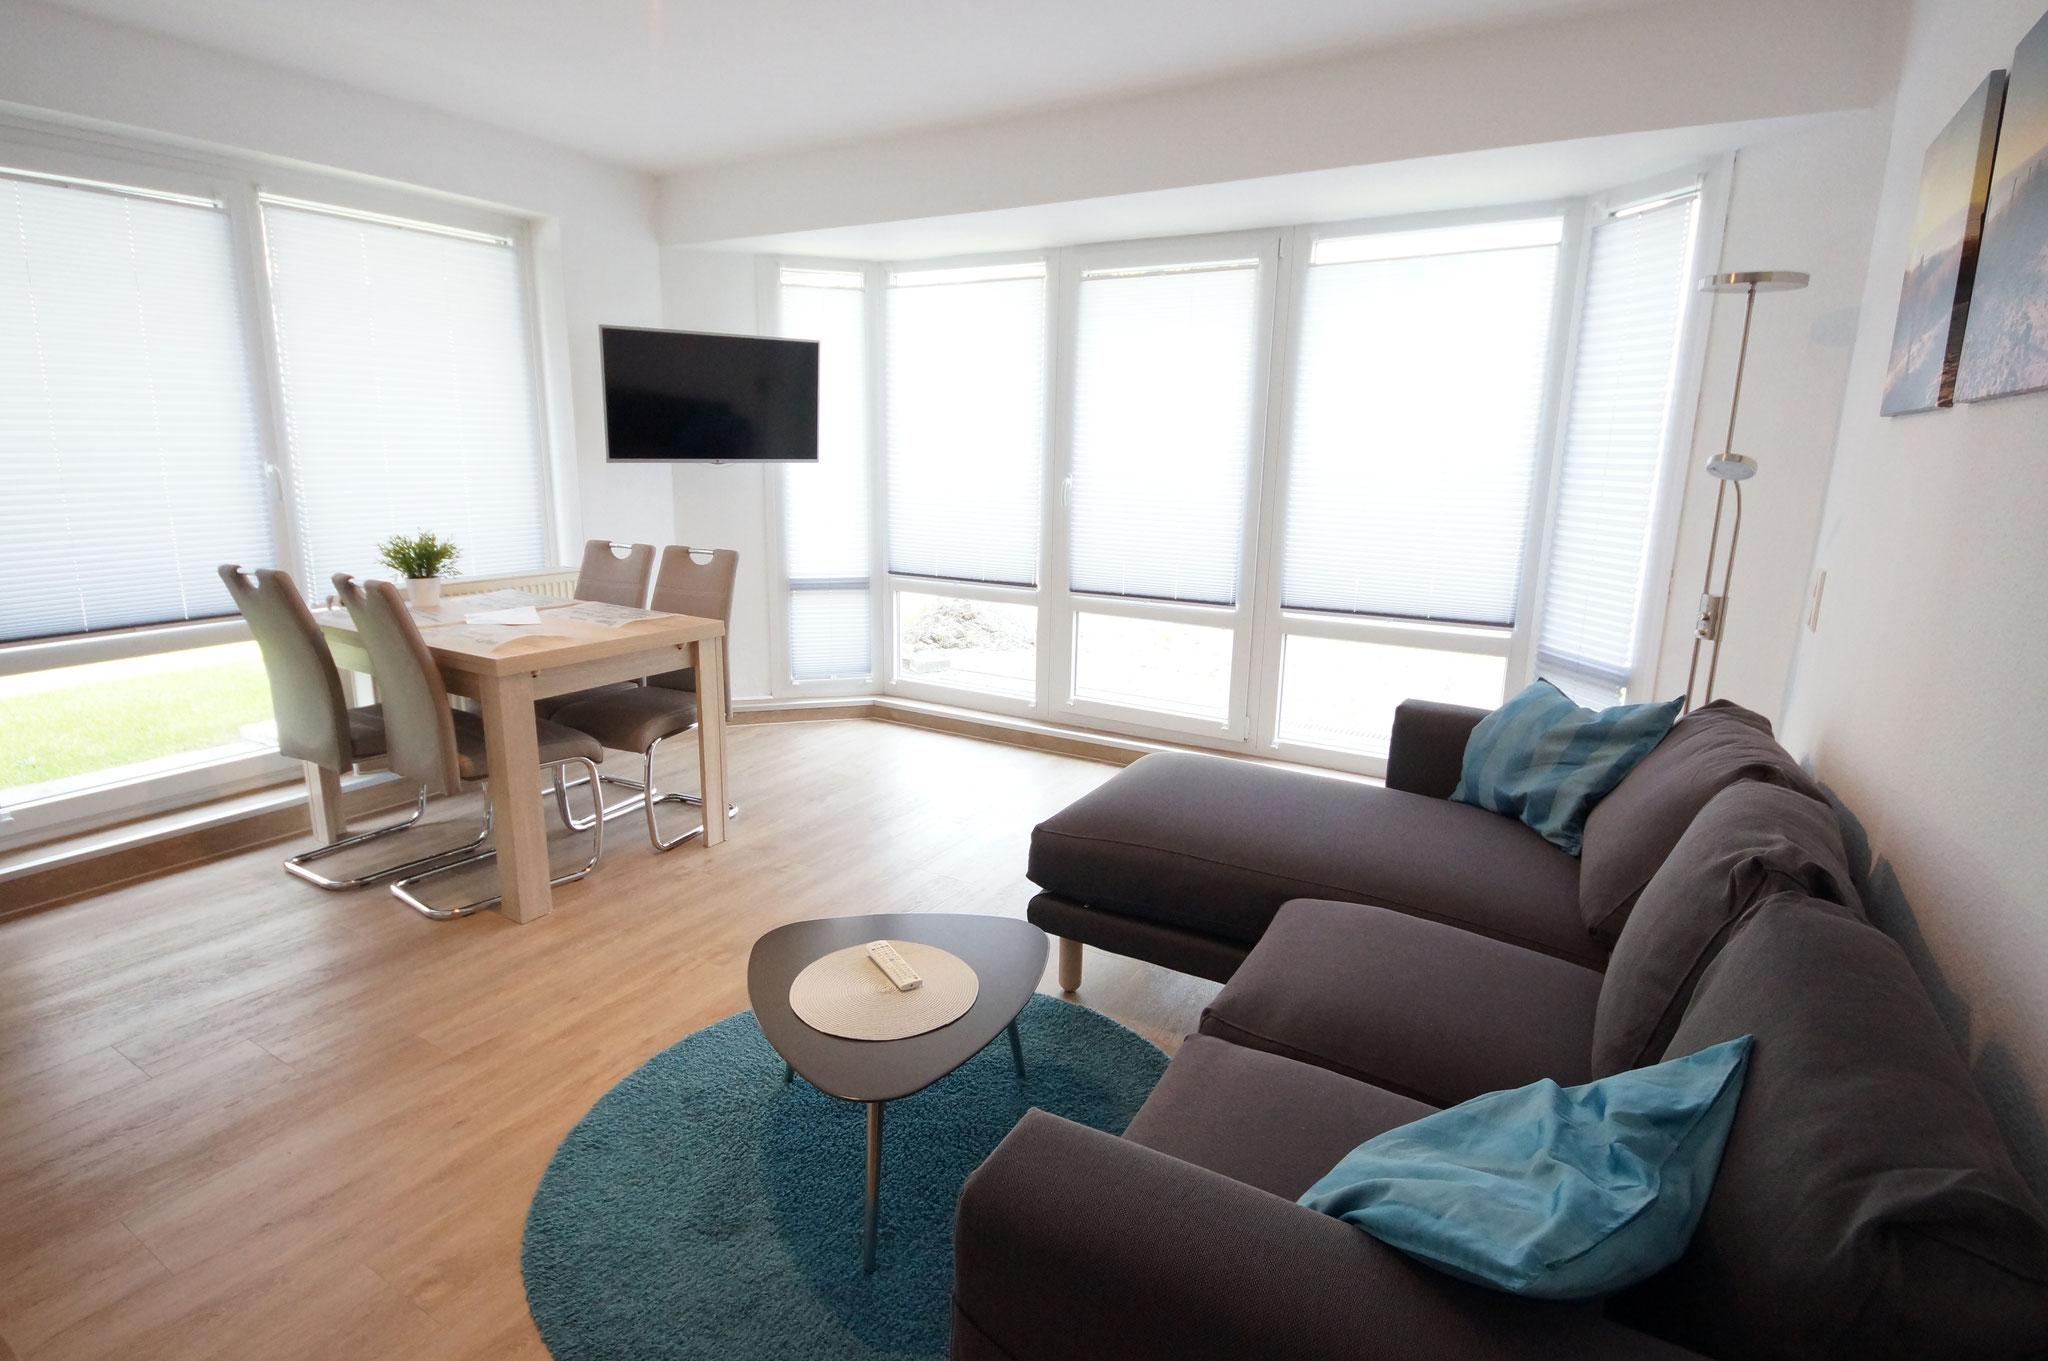 Wohnzimmer mit Essbereich und TV